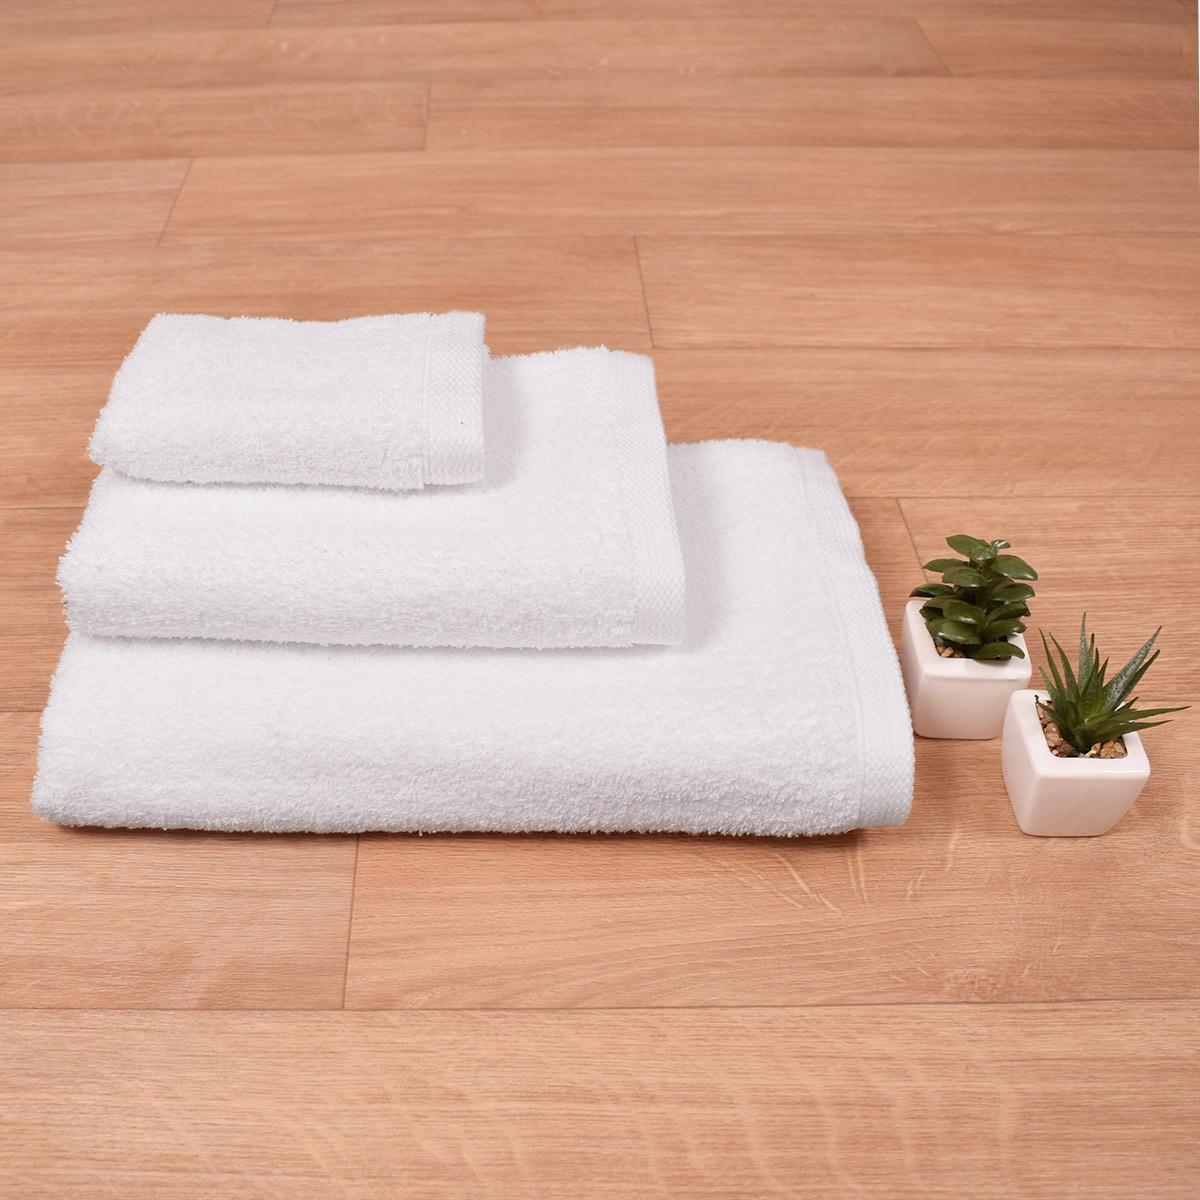 Πετσέτα Σώματος Λευκή (100x160) Siva 550gr/m2 home   επαγγελματικός εξοπλισμός   ξενοδοχειακός εξοπλισμός   πετσέτες ξενοδοχεί